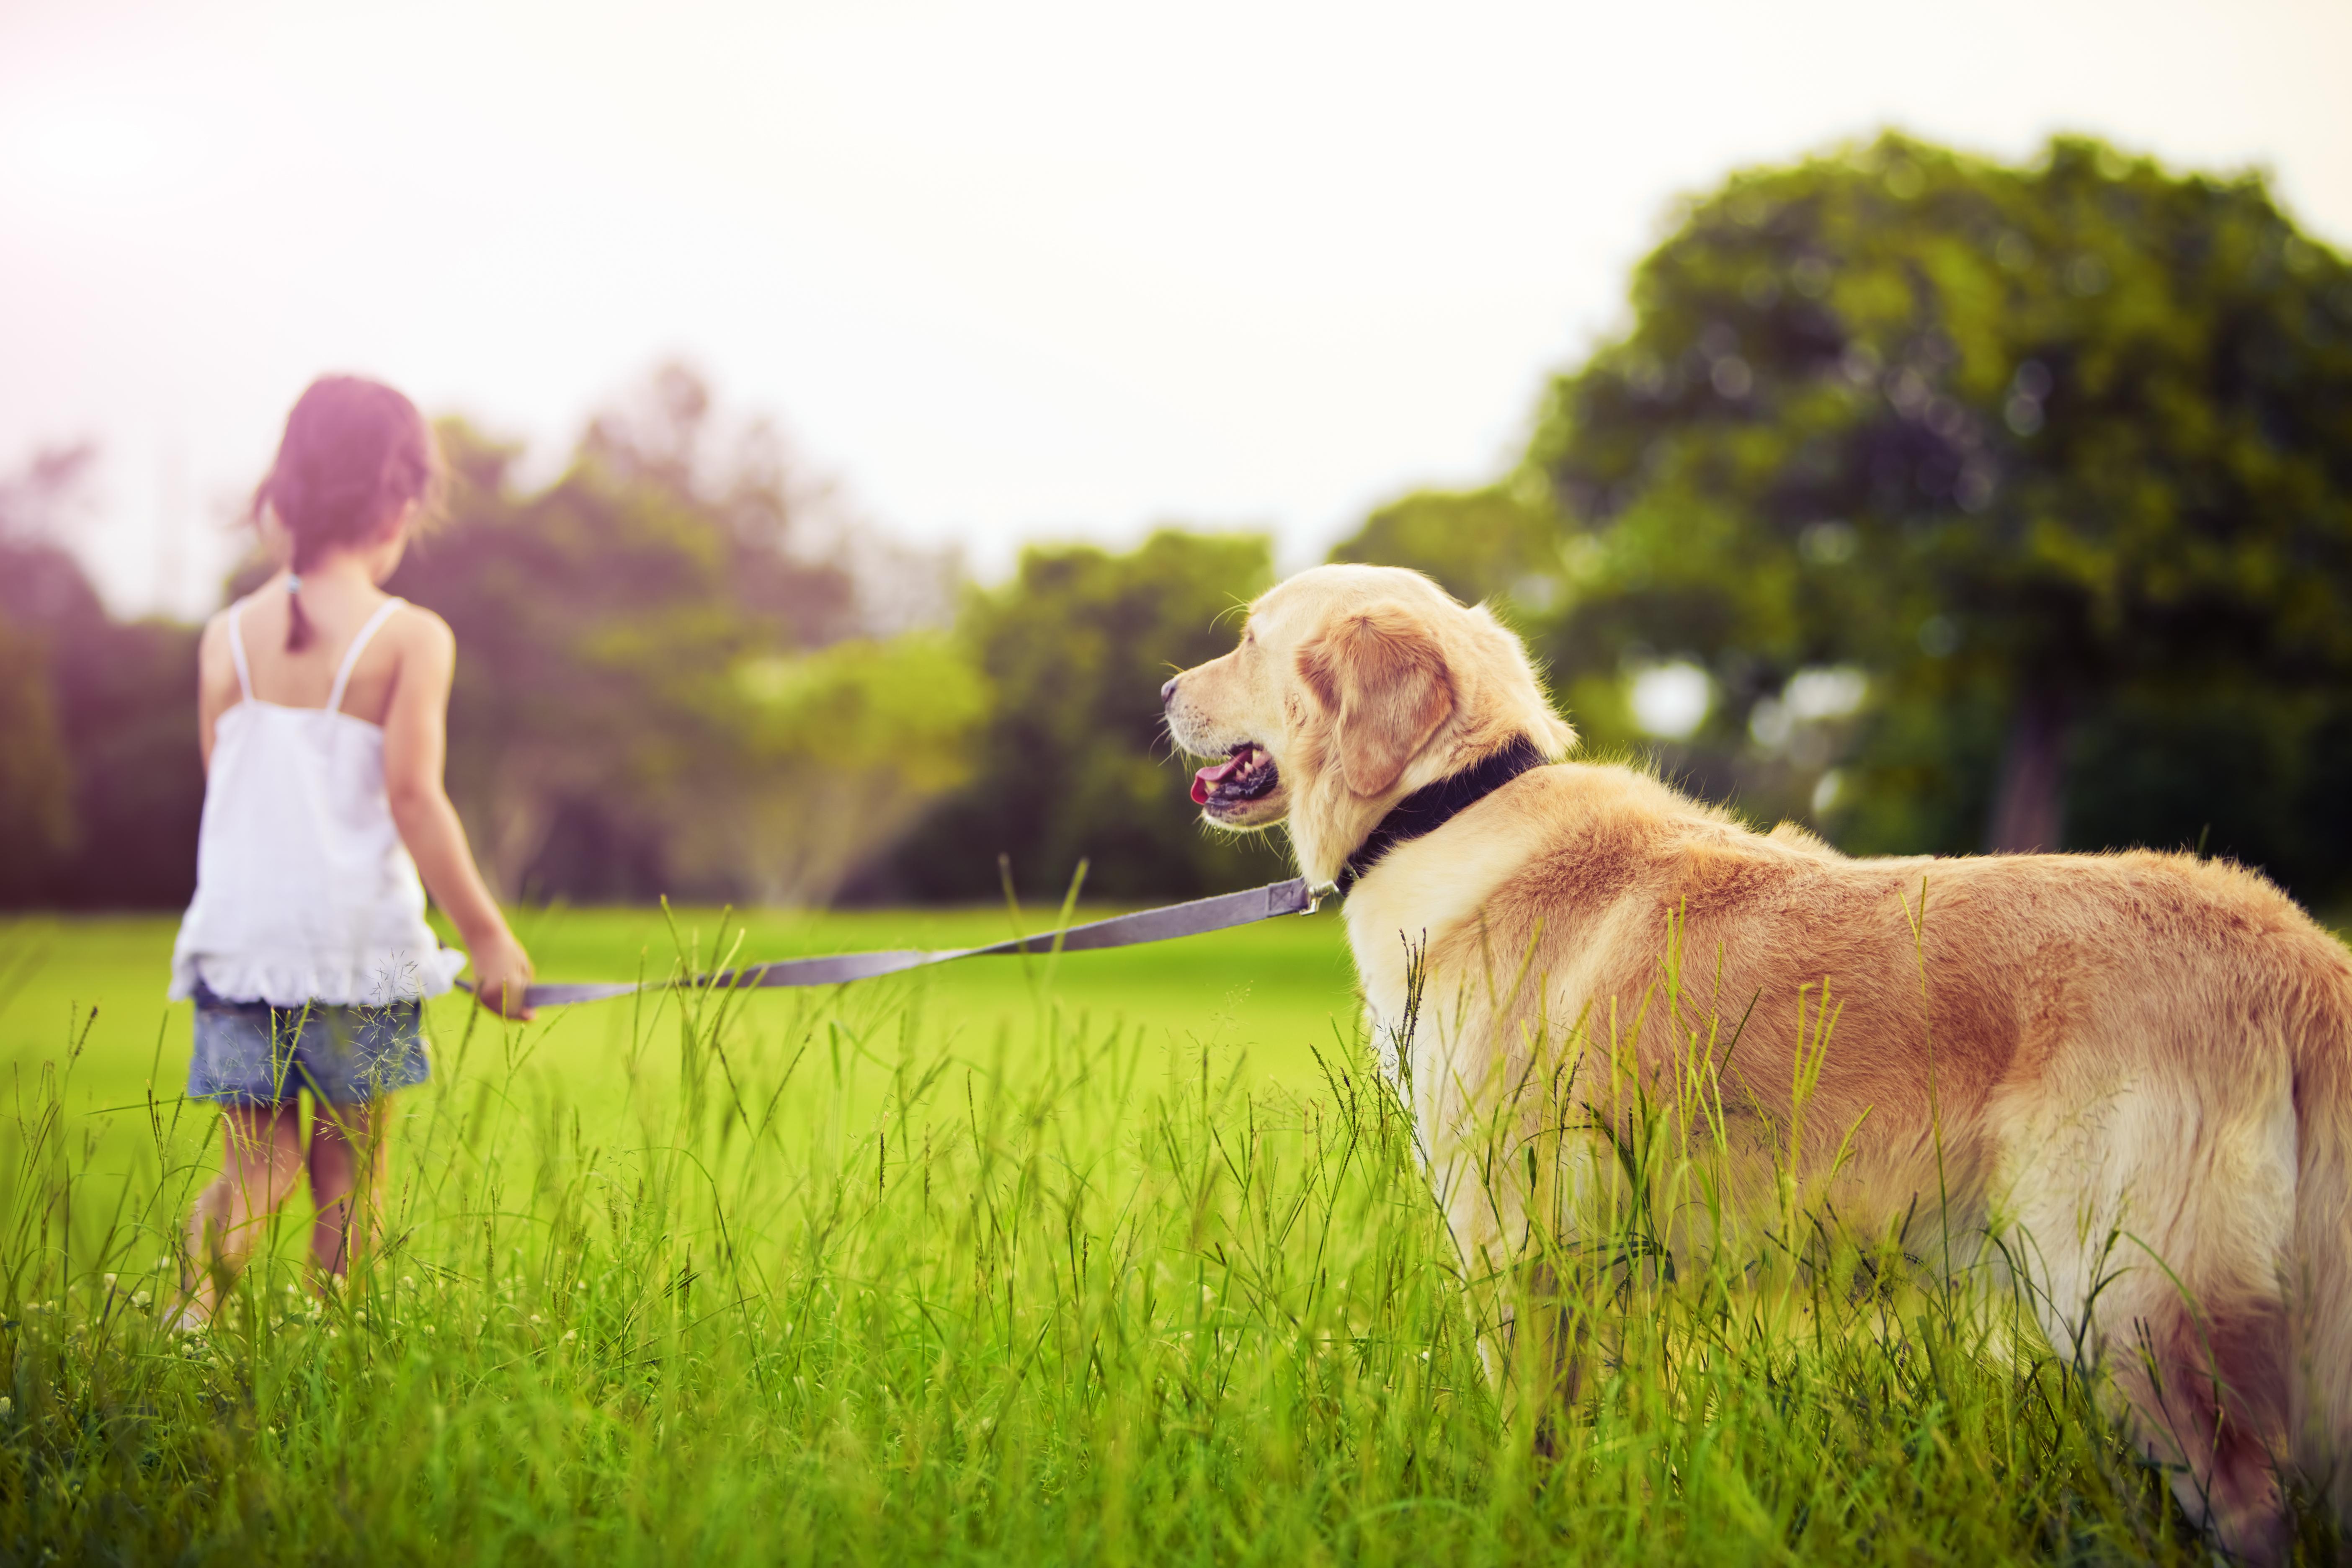 природа животные собака девочка жизнь nature animals dog girl life  № 3950986 бесплатно